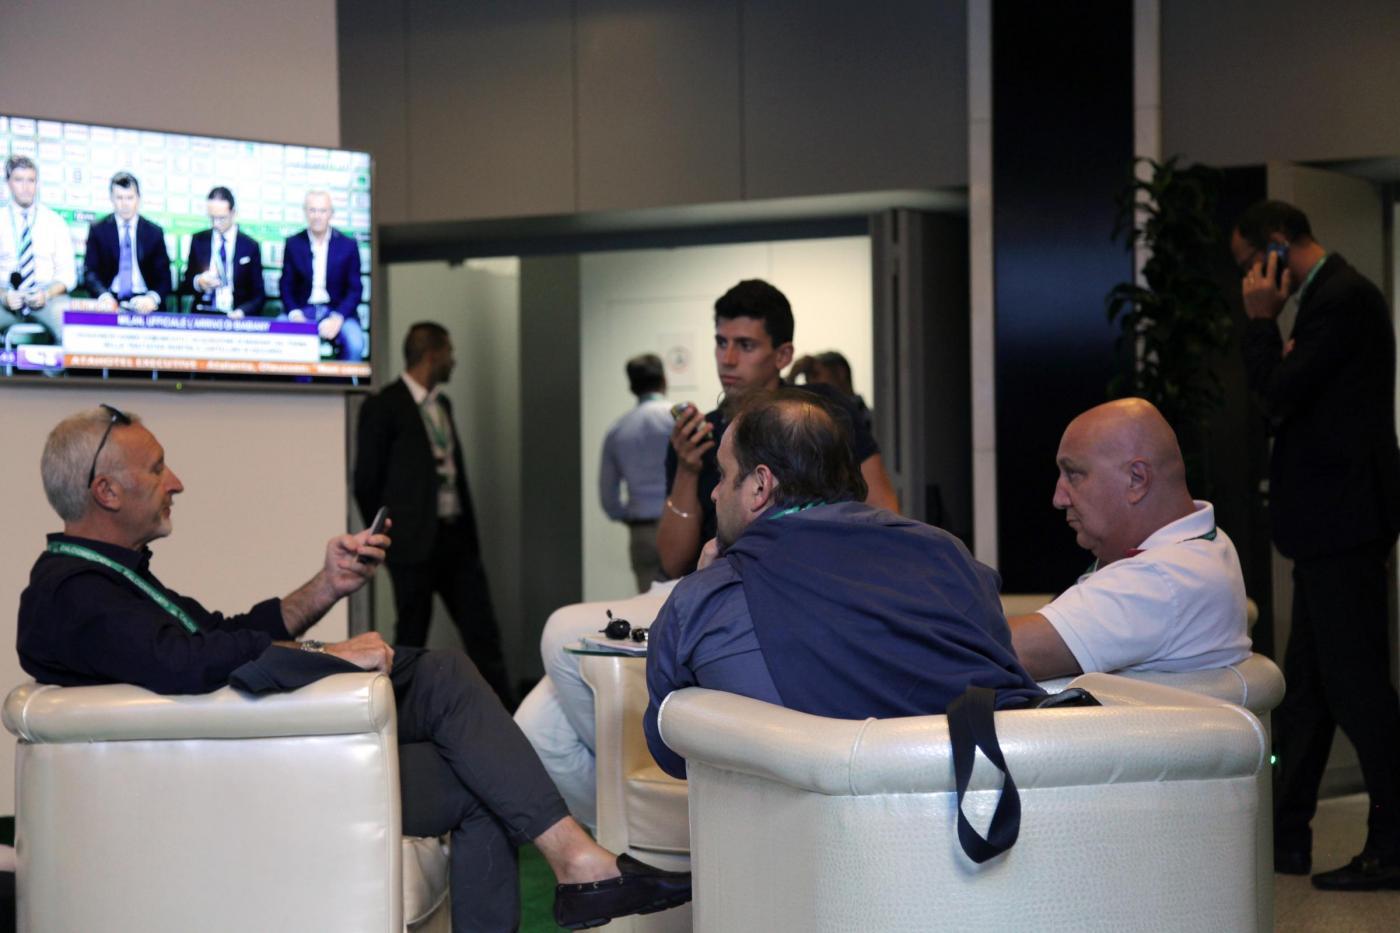 Calciomercato, un'analisi della sessione invernale 2015